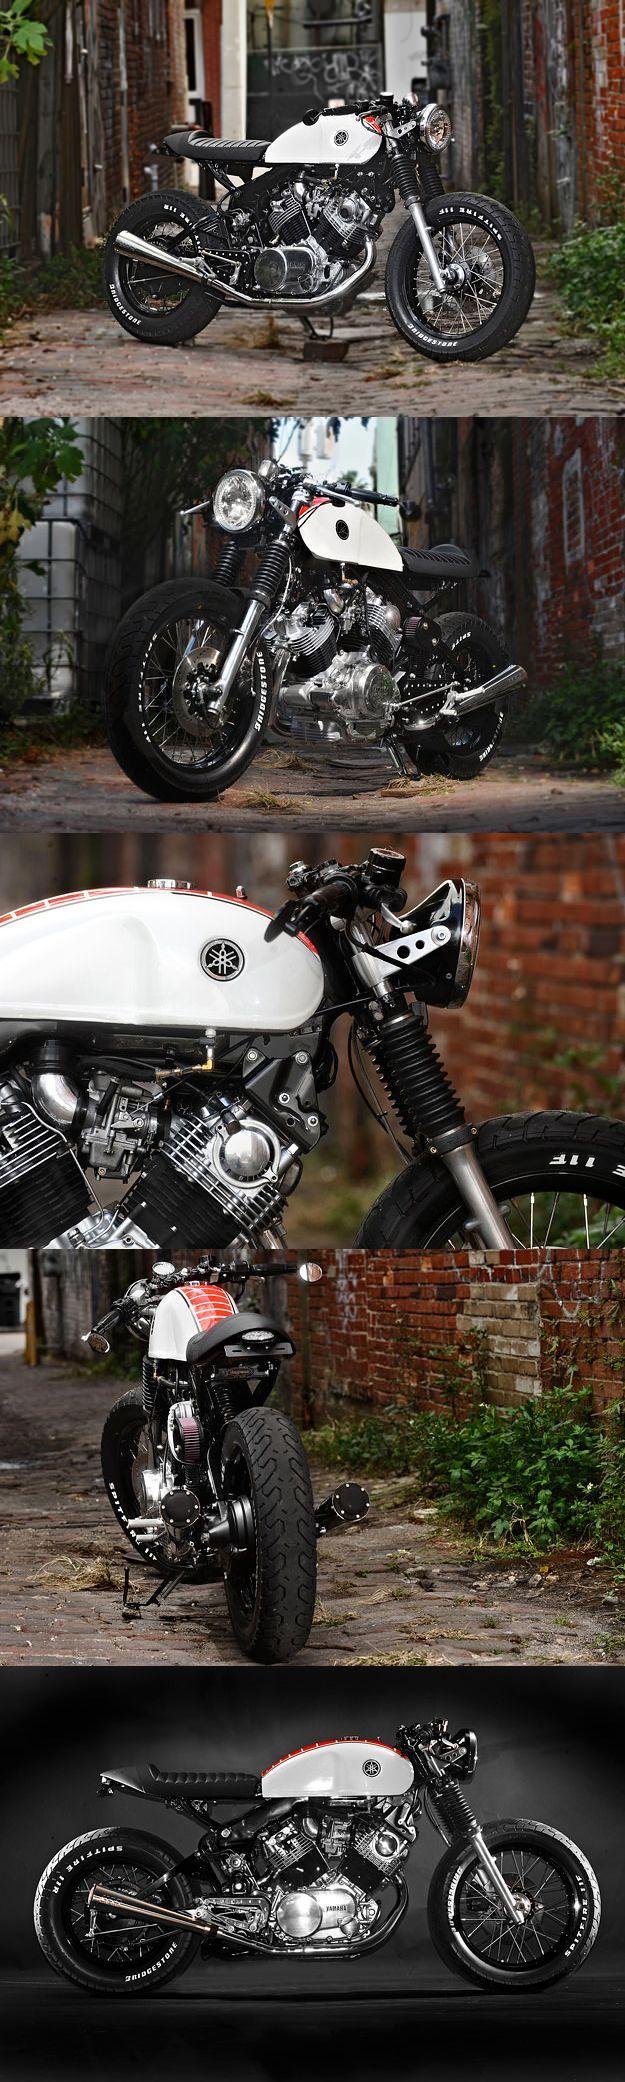 Yamaha XV1100 custom